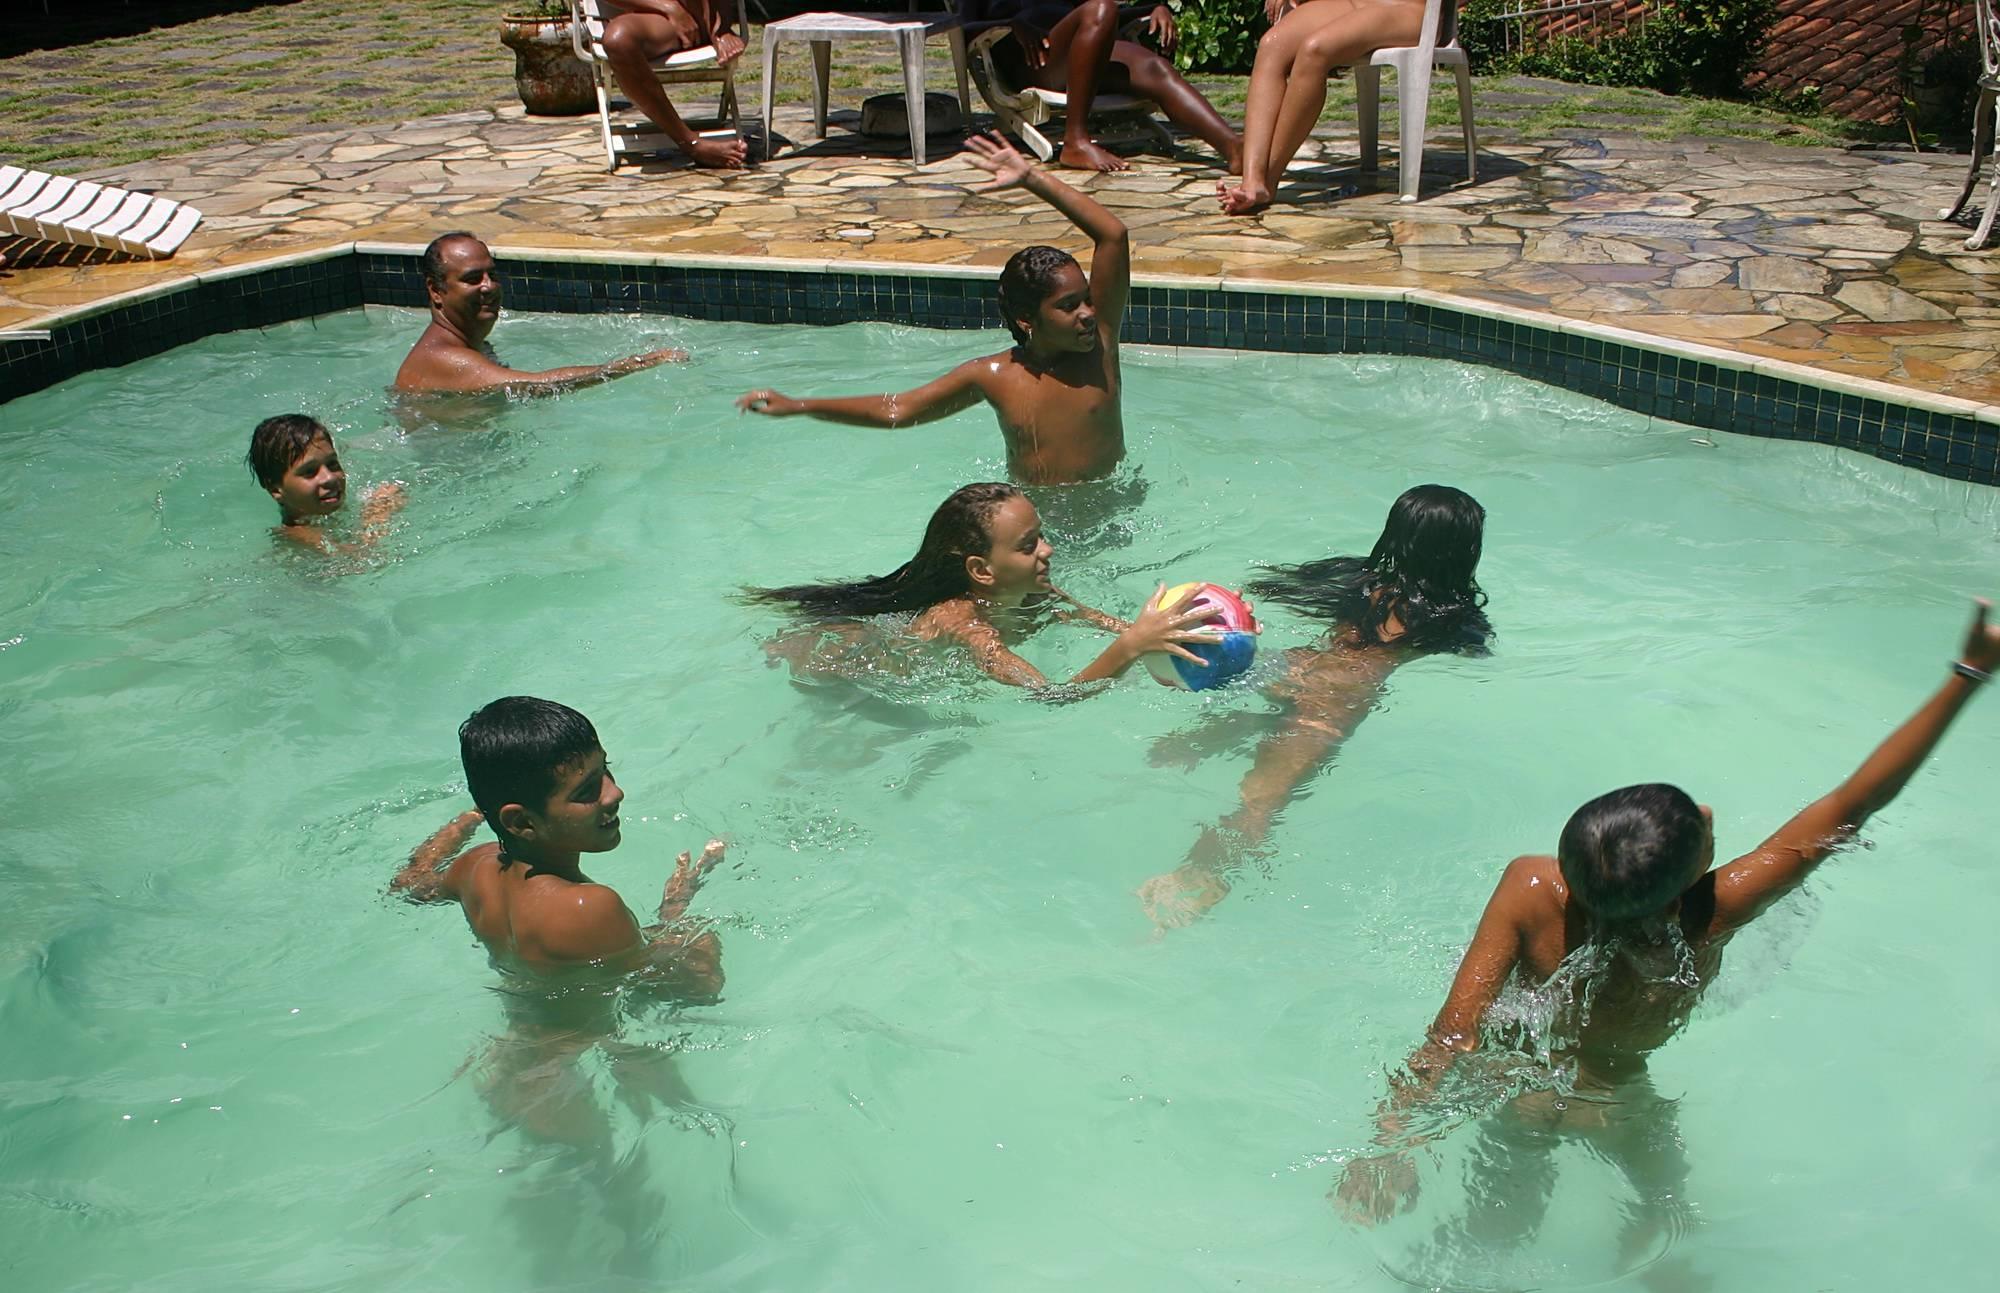 Purenudism Images-Brazilian Outdoor Resort - 2